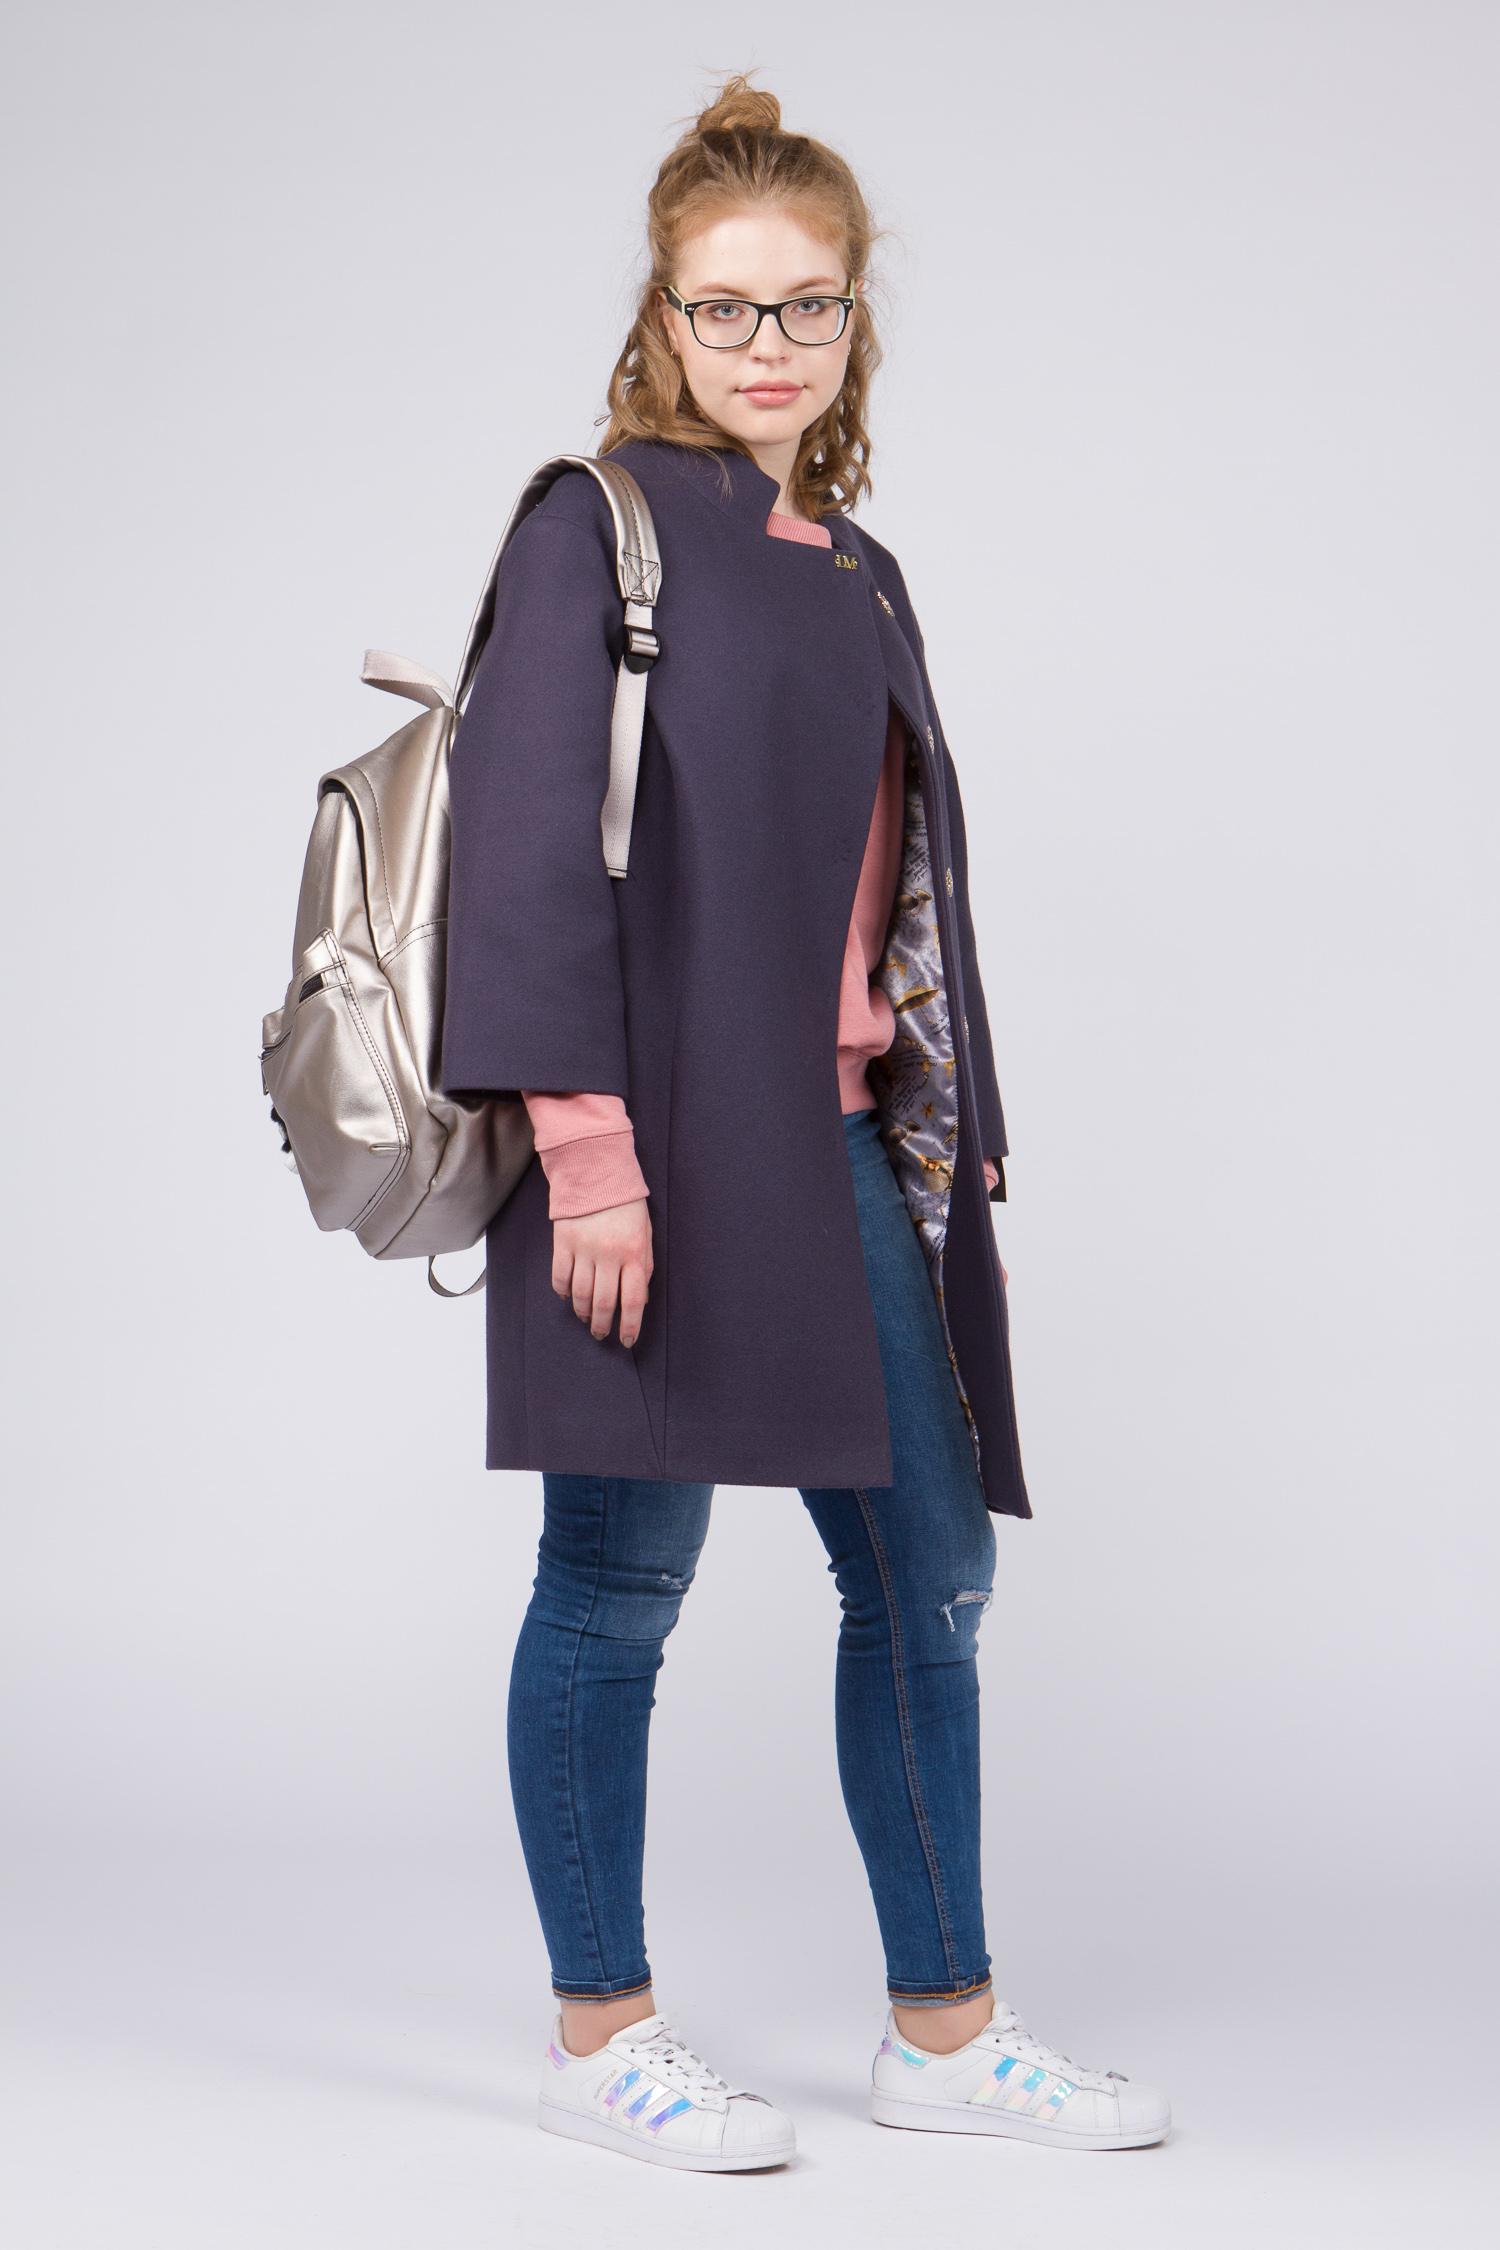 Женское пальто с воротником, без отделкиСтильное и одновременно элегантное шерстяное пальто, выполненное из натуральных итальянских тканей с использованием высококачественной фурнитуры. Сочетает в себе<br>безупречный крой и оригинальное дизайнерское решение.<br>Модель представляет собой не просто верхнюю одежду, это - must have для любой модницы.<br><br>Воротник: стойка<br>Длина см: Средняя (75-89 )<br>Материал: Комбинированный состав<br>Цвет: фиолетовый<br>Вид застежки: косая<br>Застежка: на кнопки<br>Пол: Женский<br>Размер RU: 48